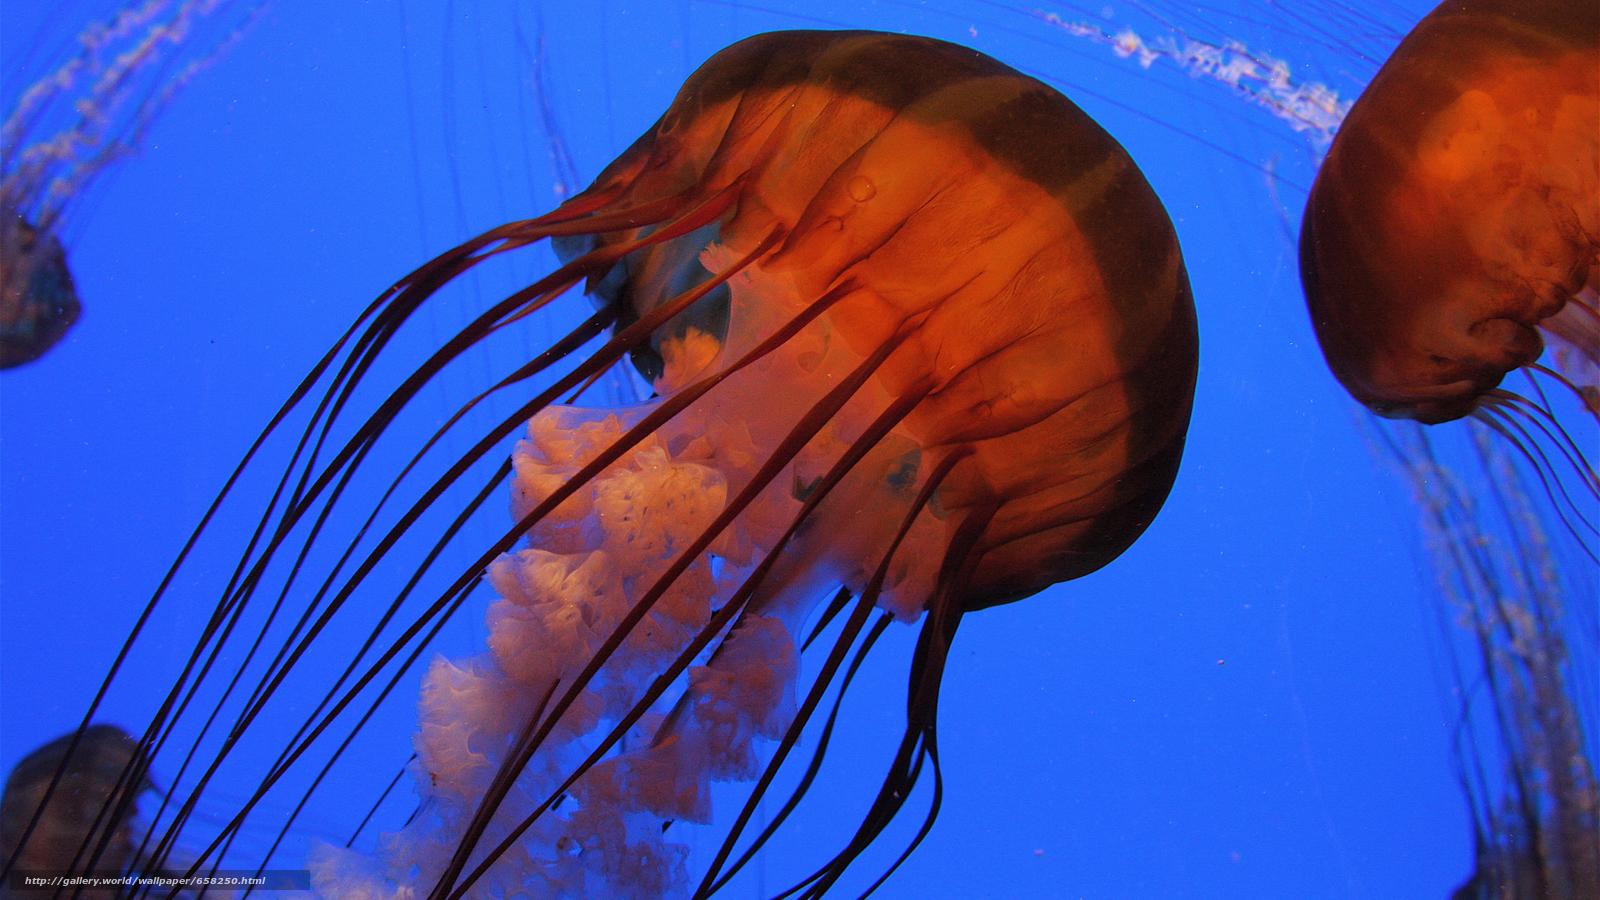 Скачать обои медуза,  медузы,  подводный мир,  вода бесплатно для рабочего стола в разрешении 3840x2160 — картинка №658250